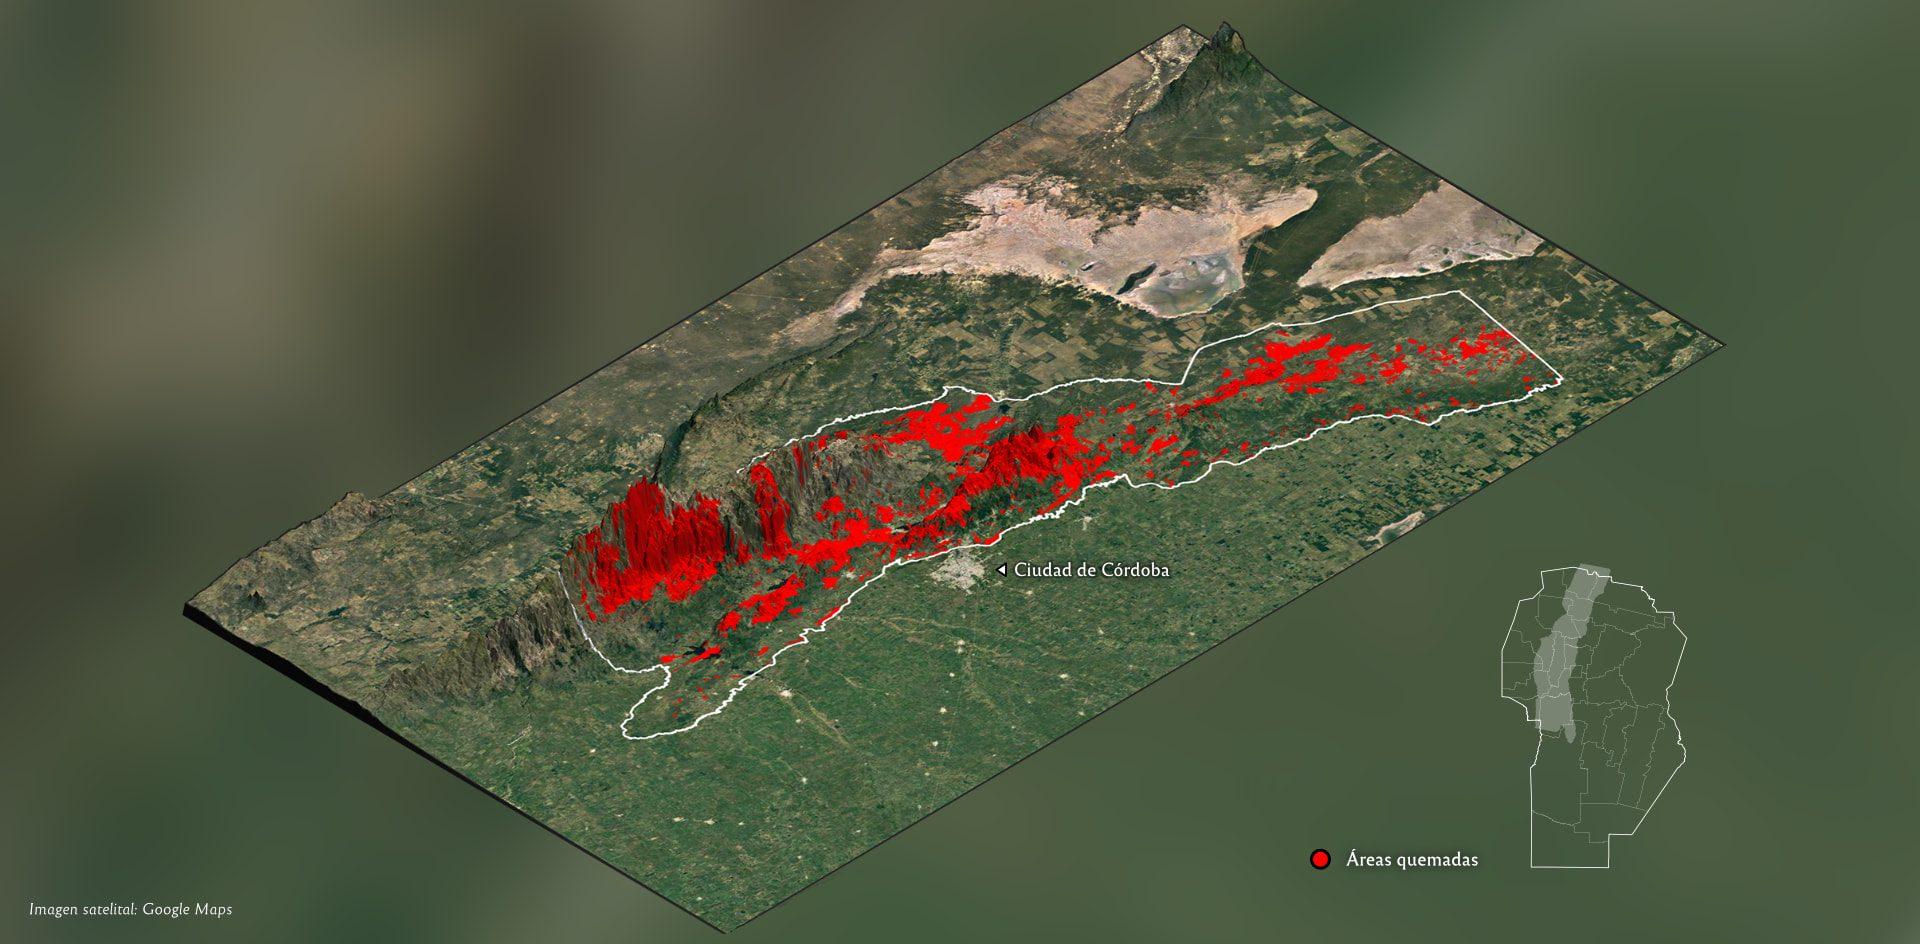 En casi dos décadas, en las sierras se quemó una superficie equivalente a 12 ciudades de Córdoba